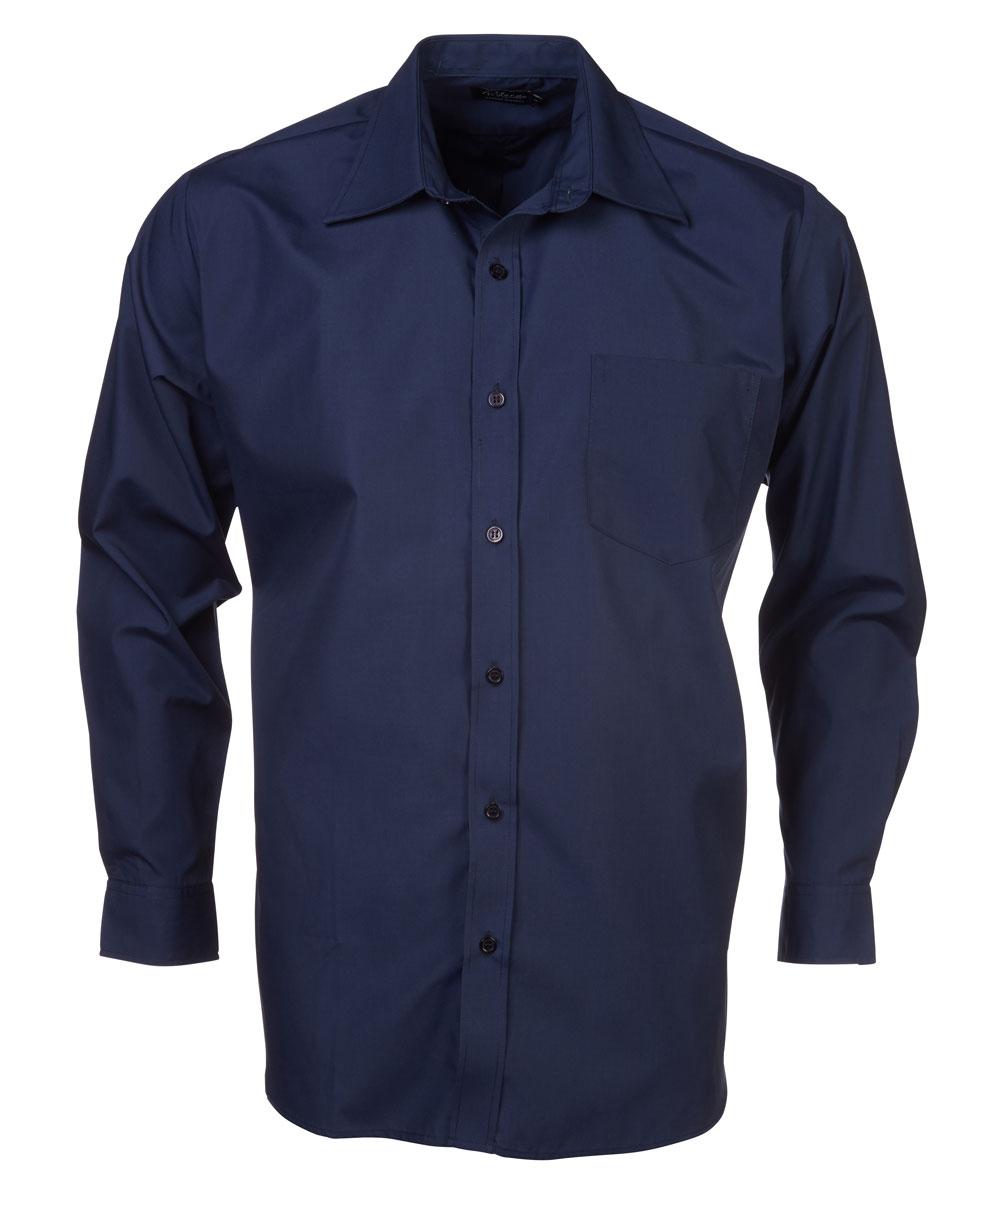 Mens P070 S/s Shirt - Navy